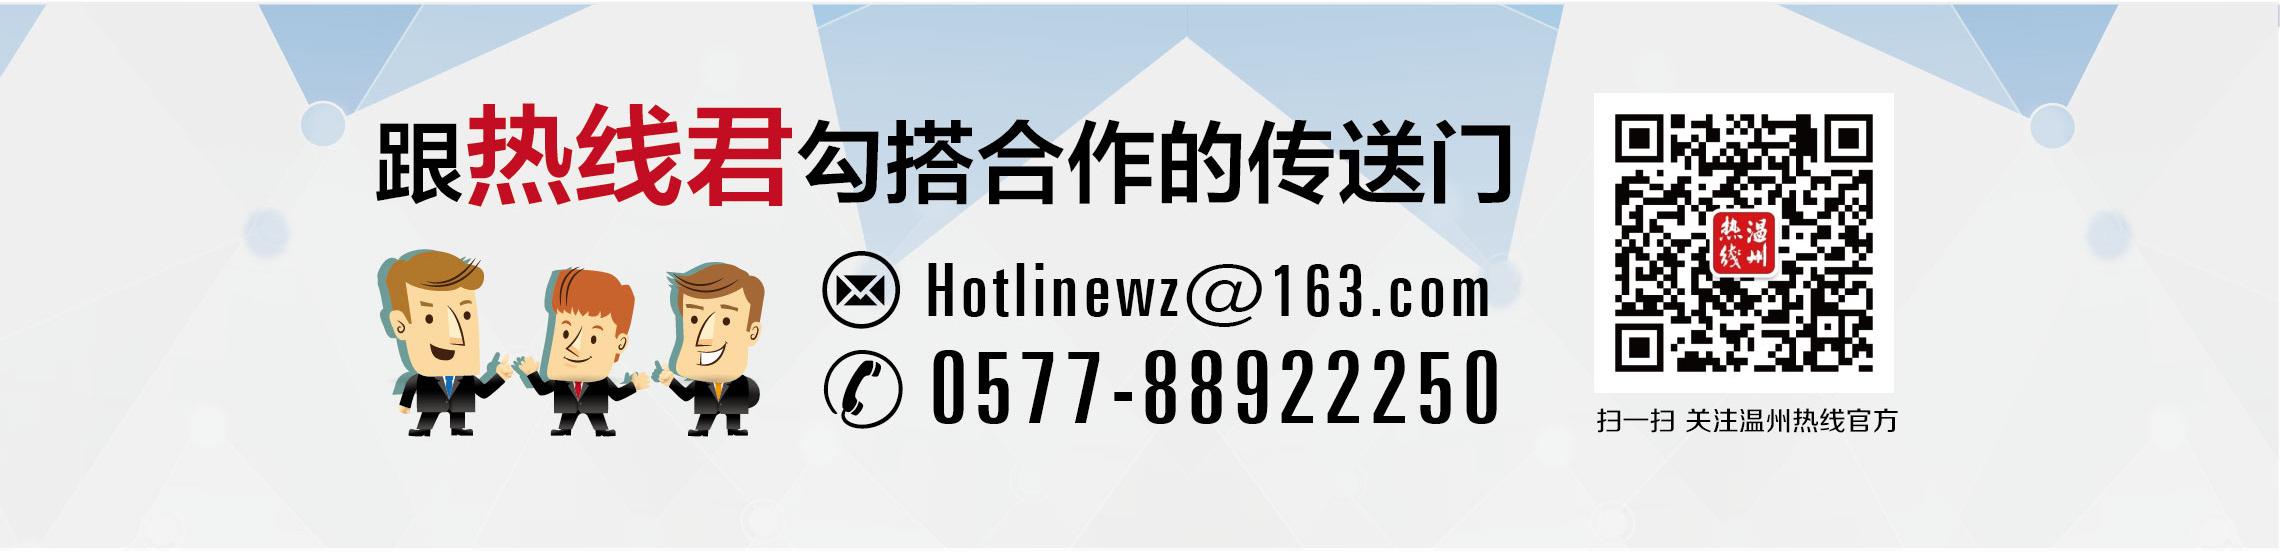 京津冀及周边地区霾情再起 30个城市启动应急预案